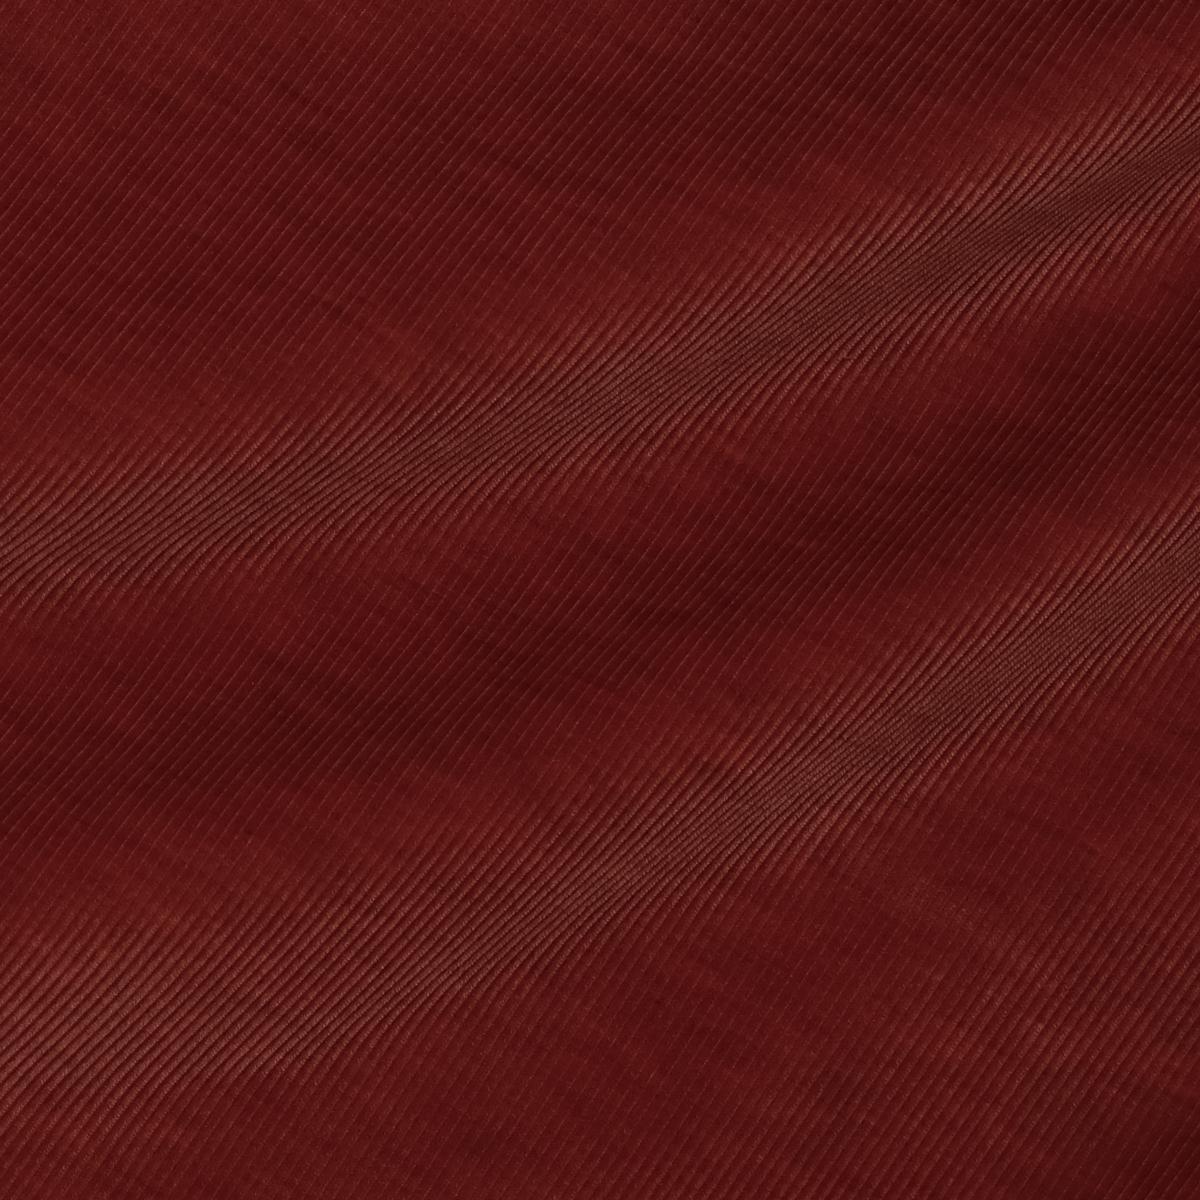 Хлопковый с кашемиром вельвет в рубчик терракотовый